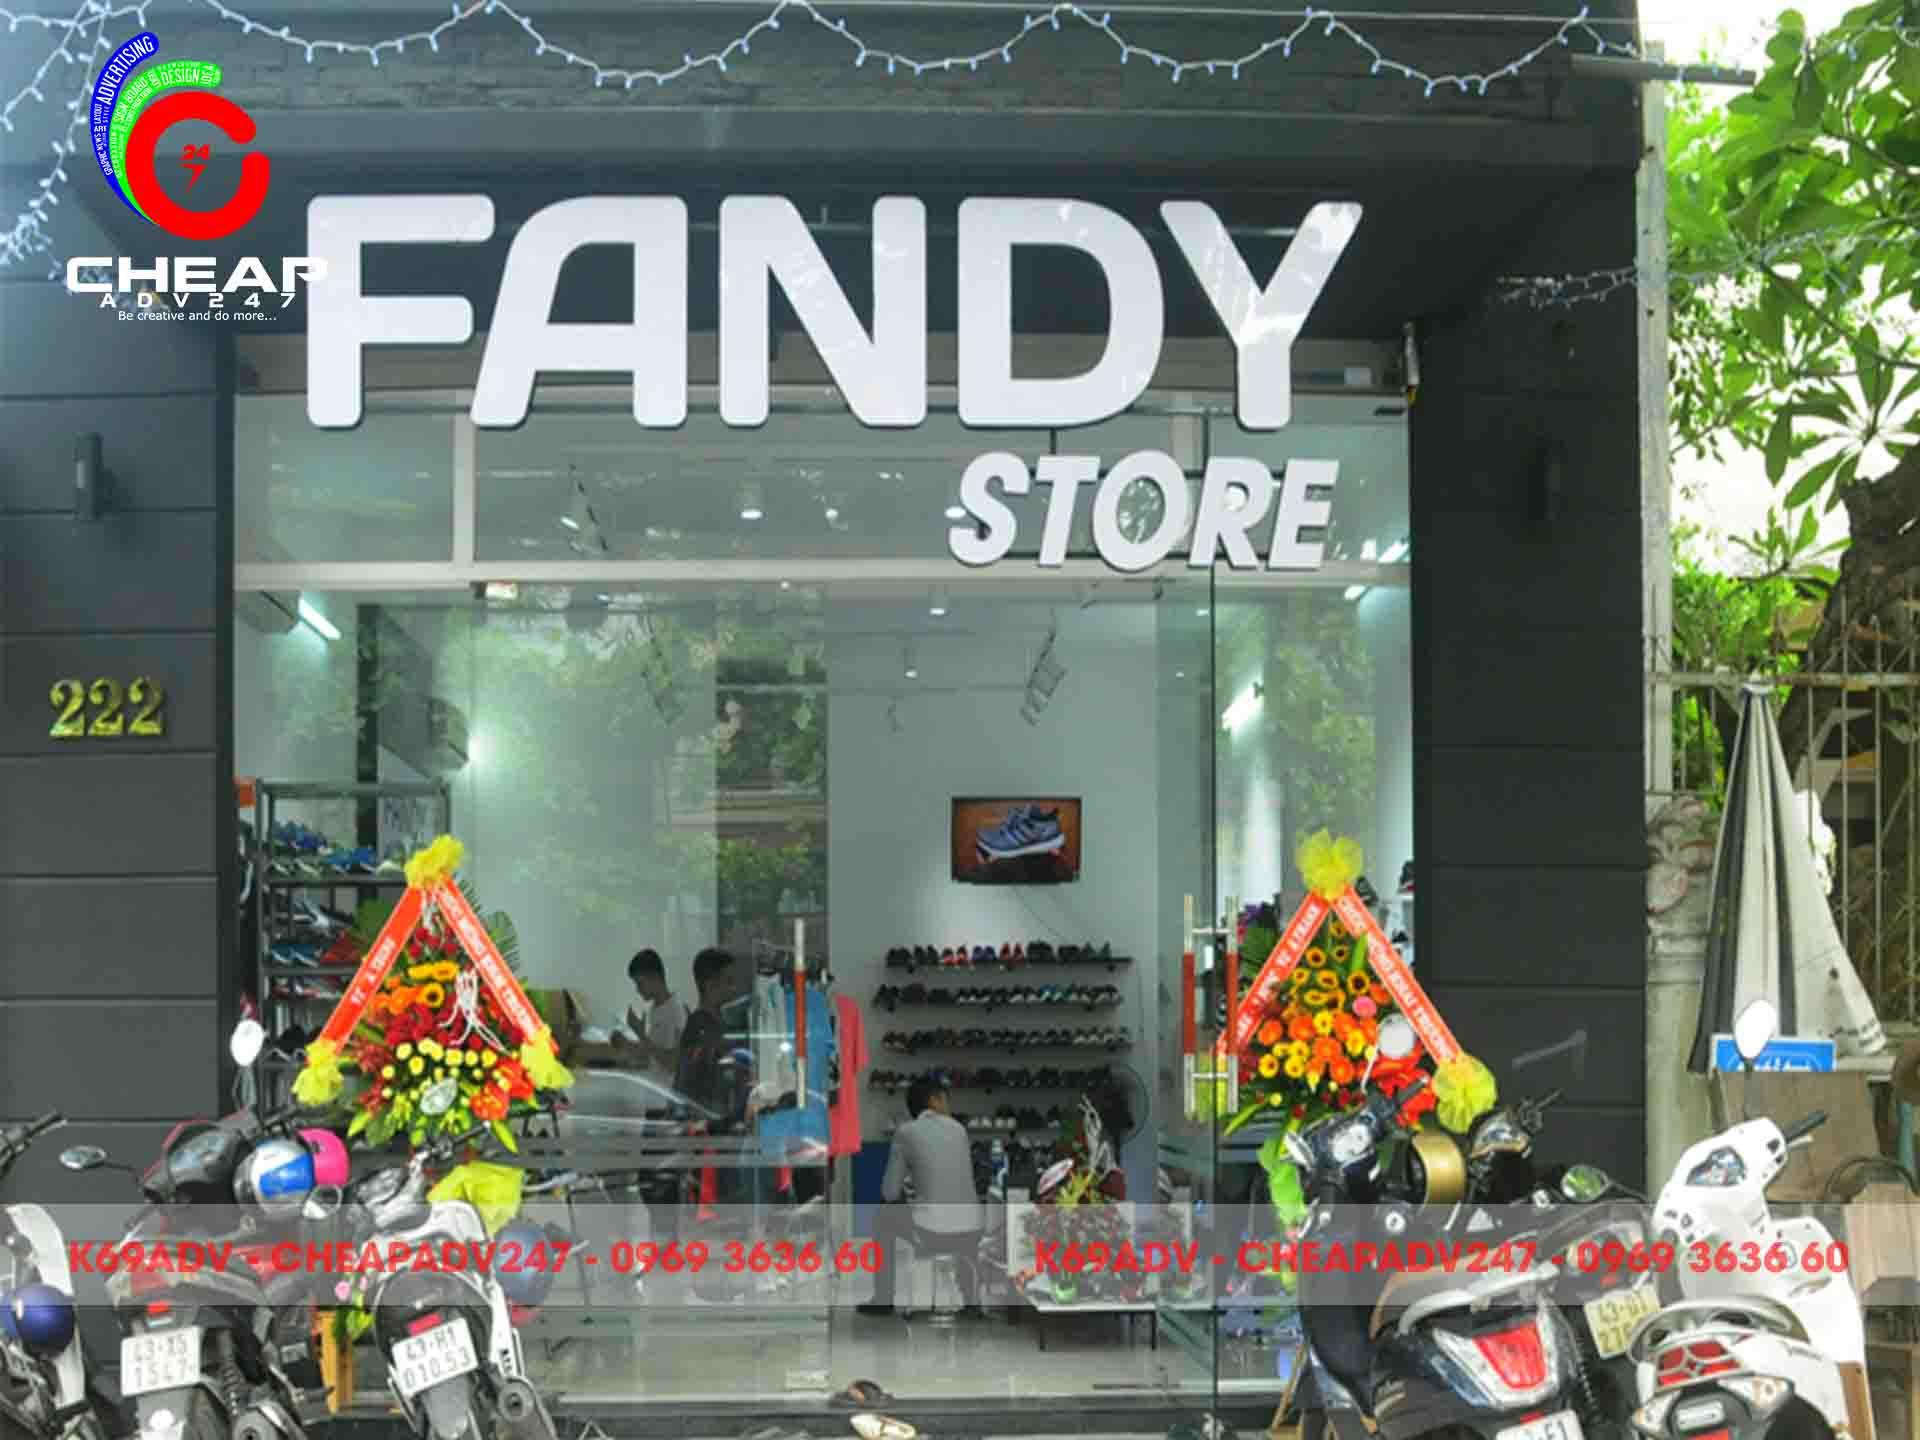 lam bang hieu shop cheapadv2474 1